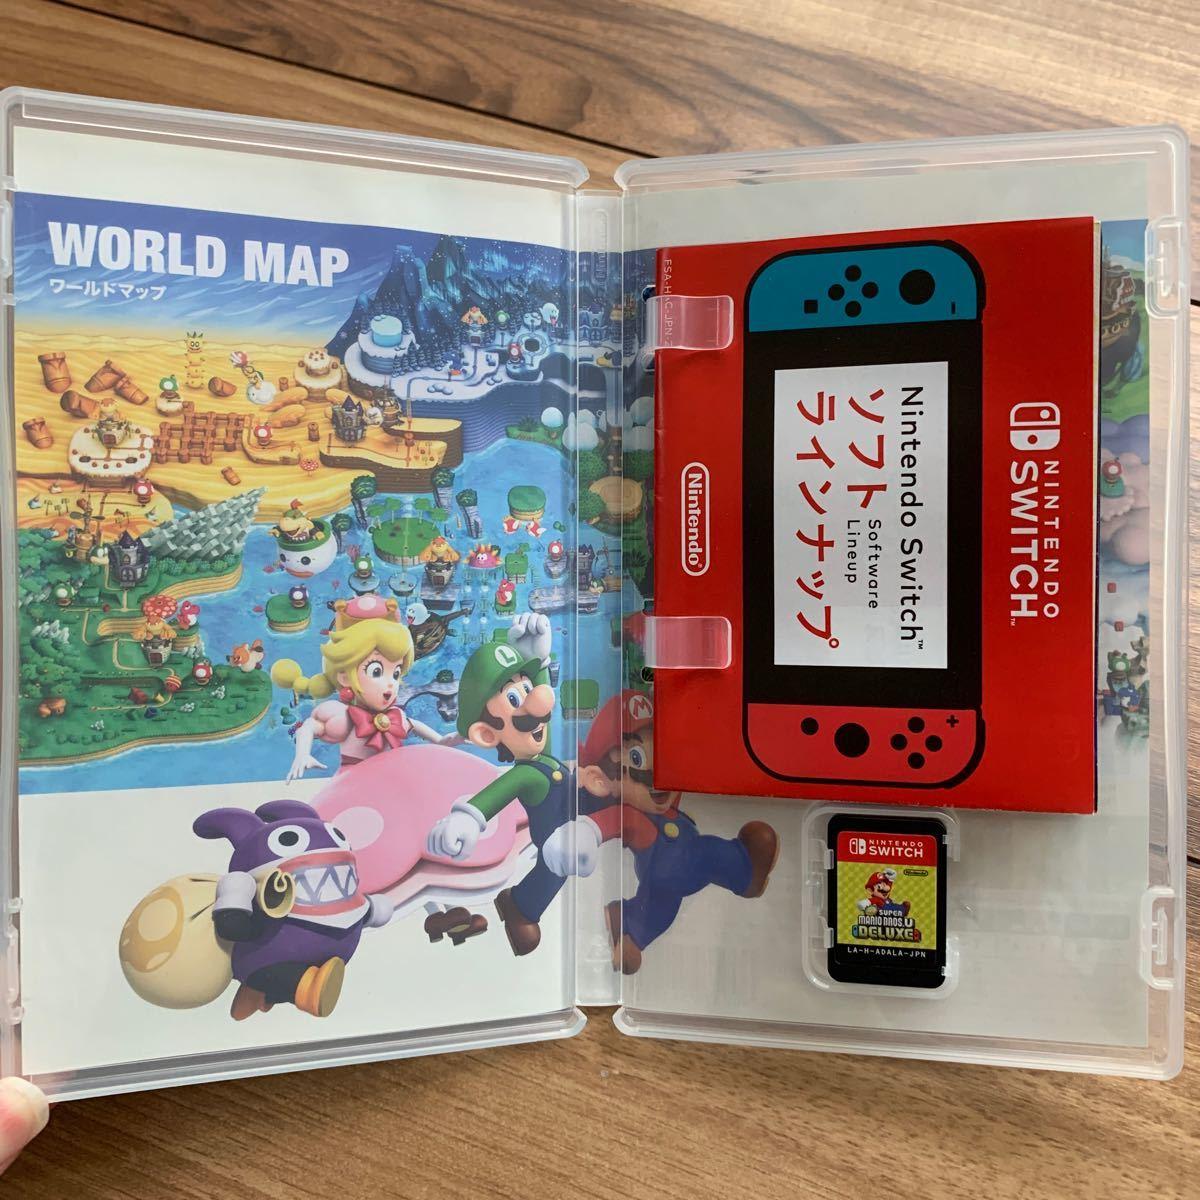 Switch スーパーマリオブラザーズUデラックス